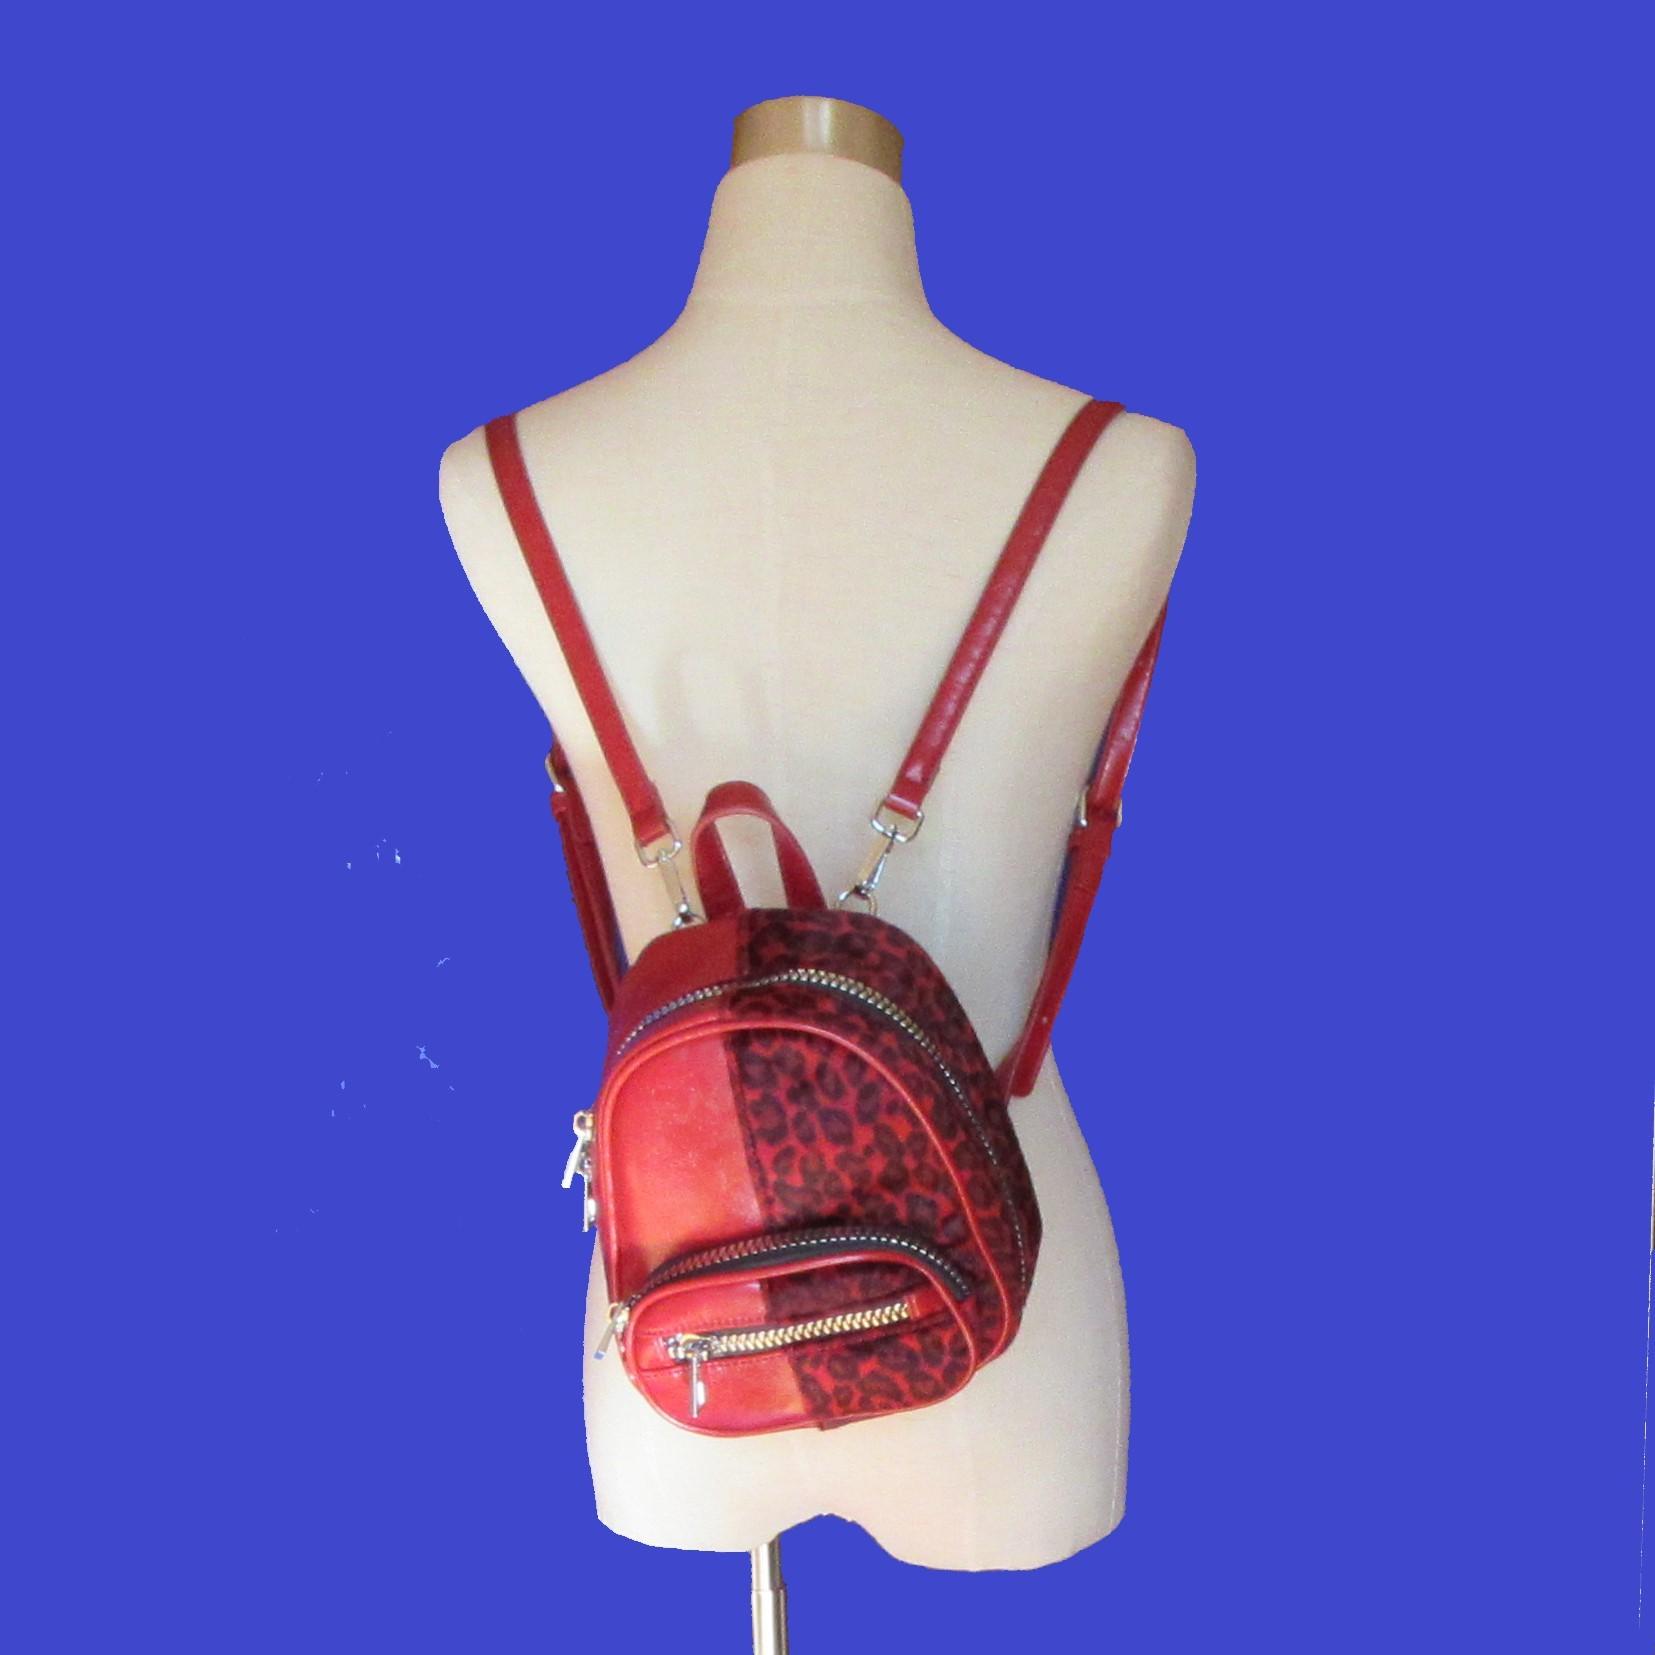 リュックサック ミニ レオパード柄 赤 韓国製 中古